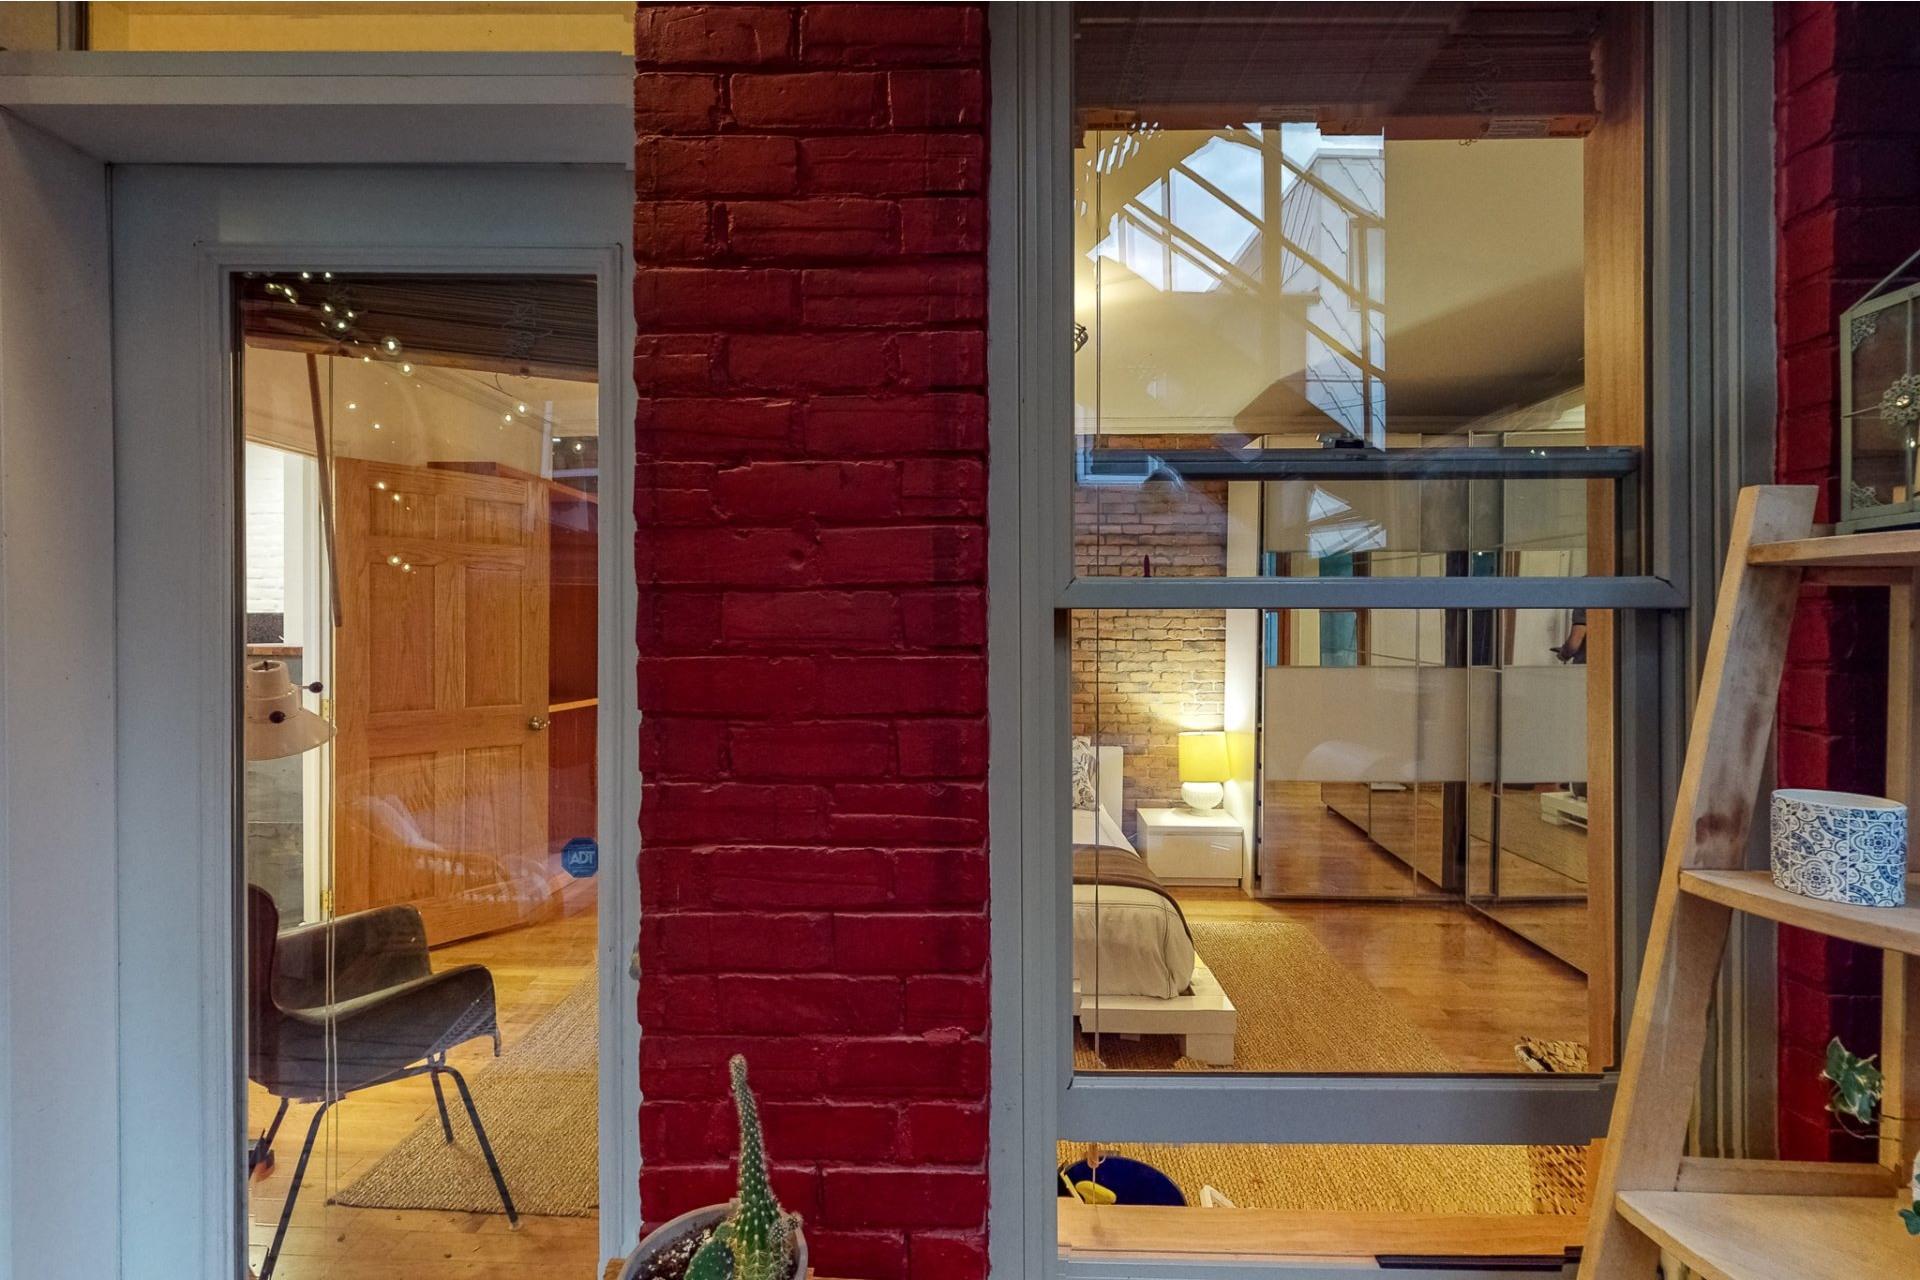 image 22 - Appartement À vendre Le Plateau-Mont-Royal Montréal  - 12 pièces